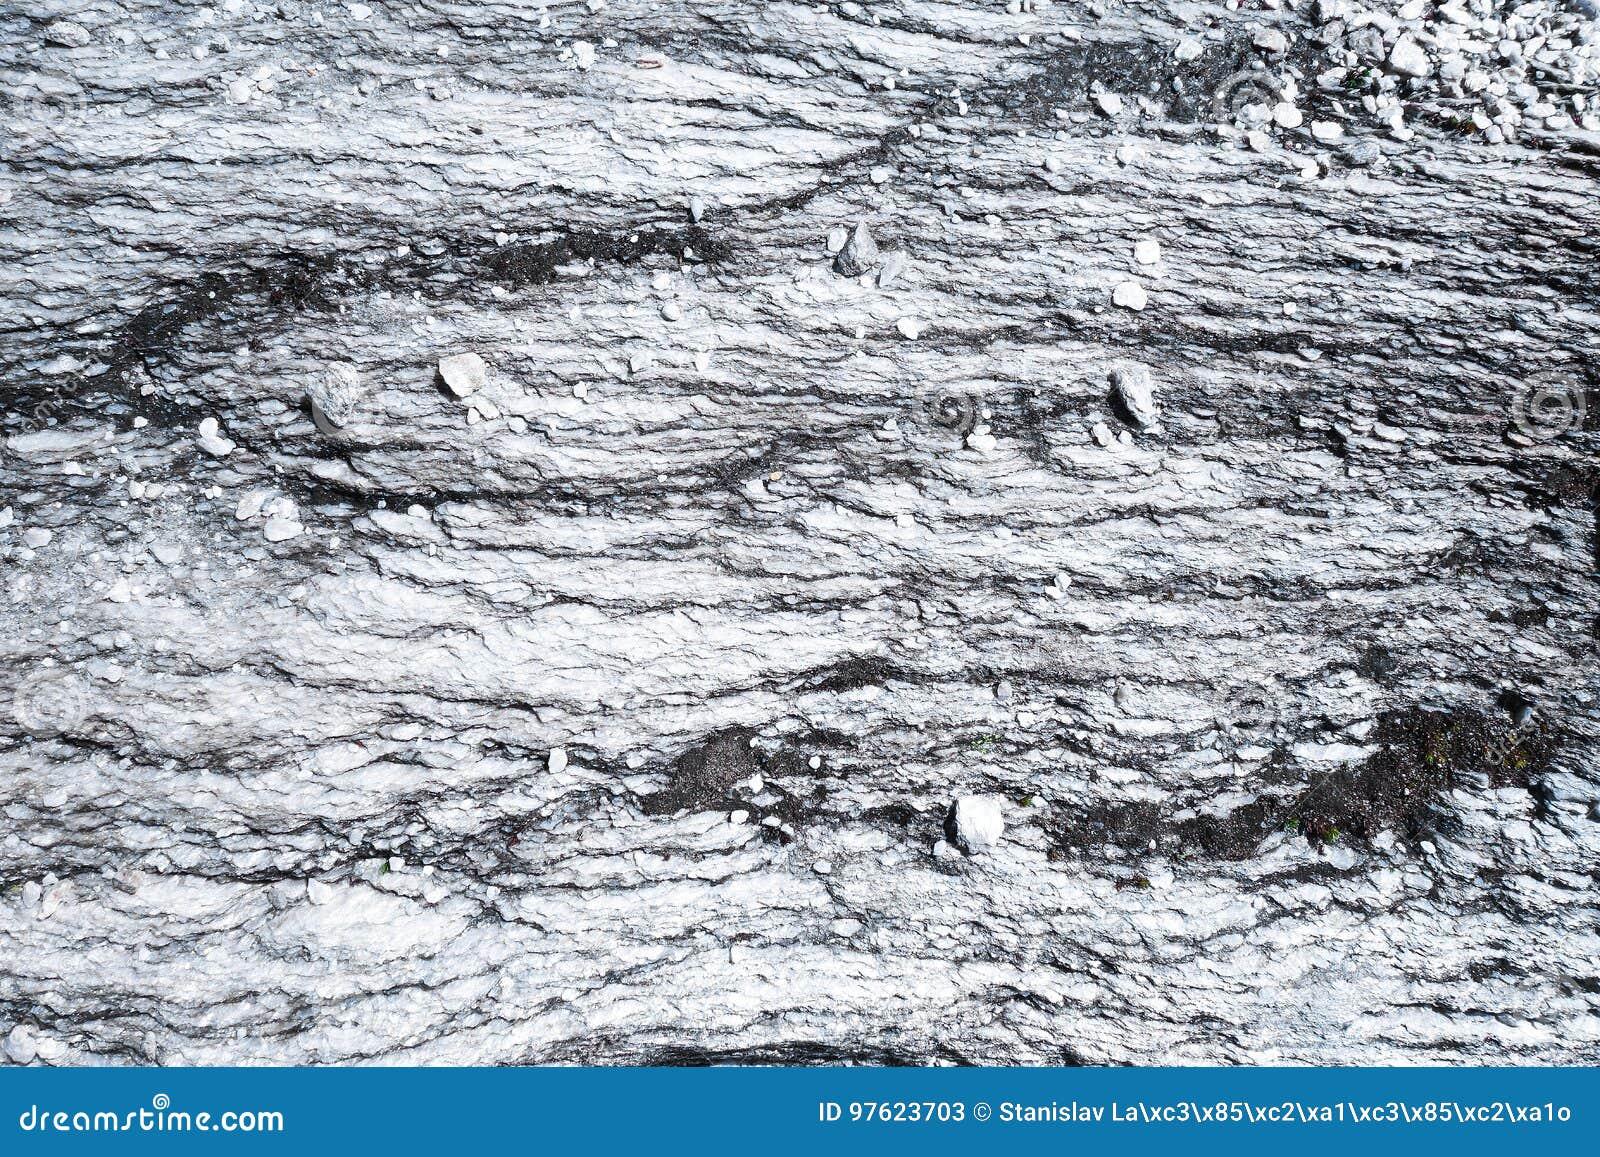 Texturas abstratas na pedra